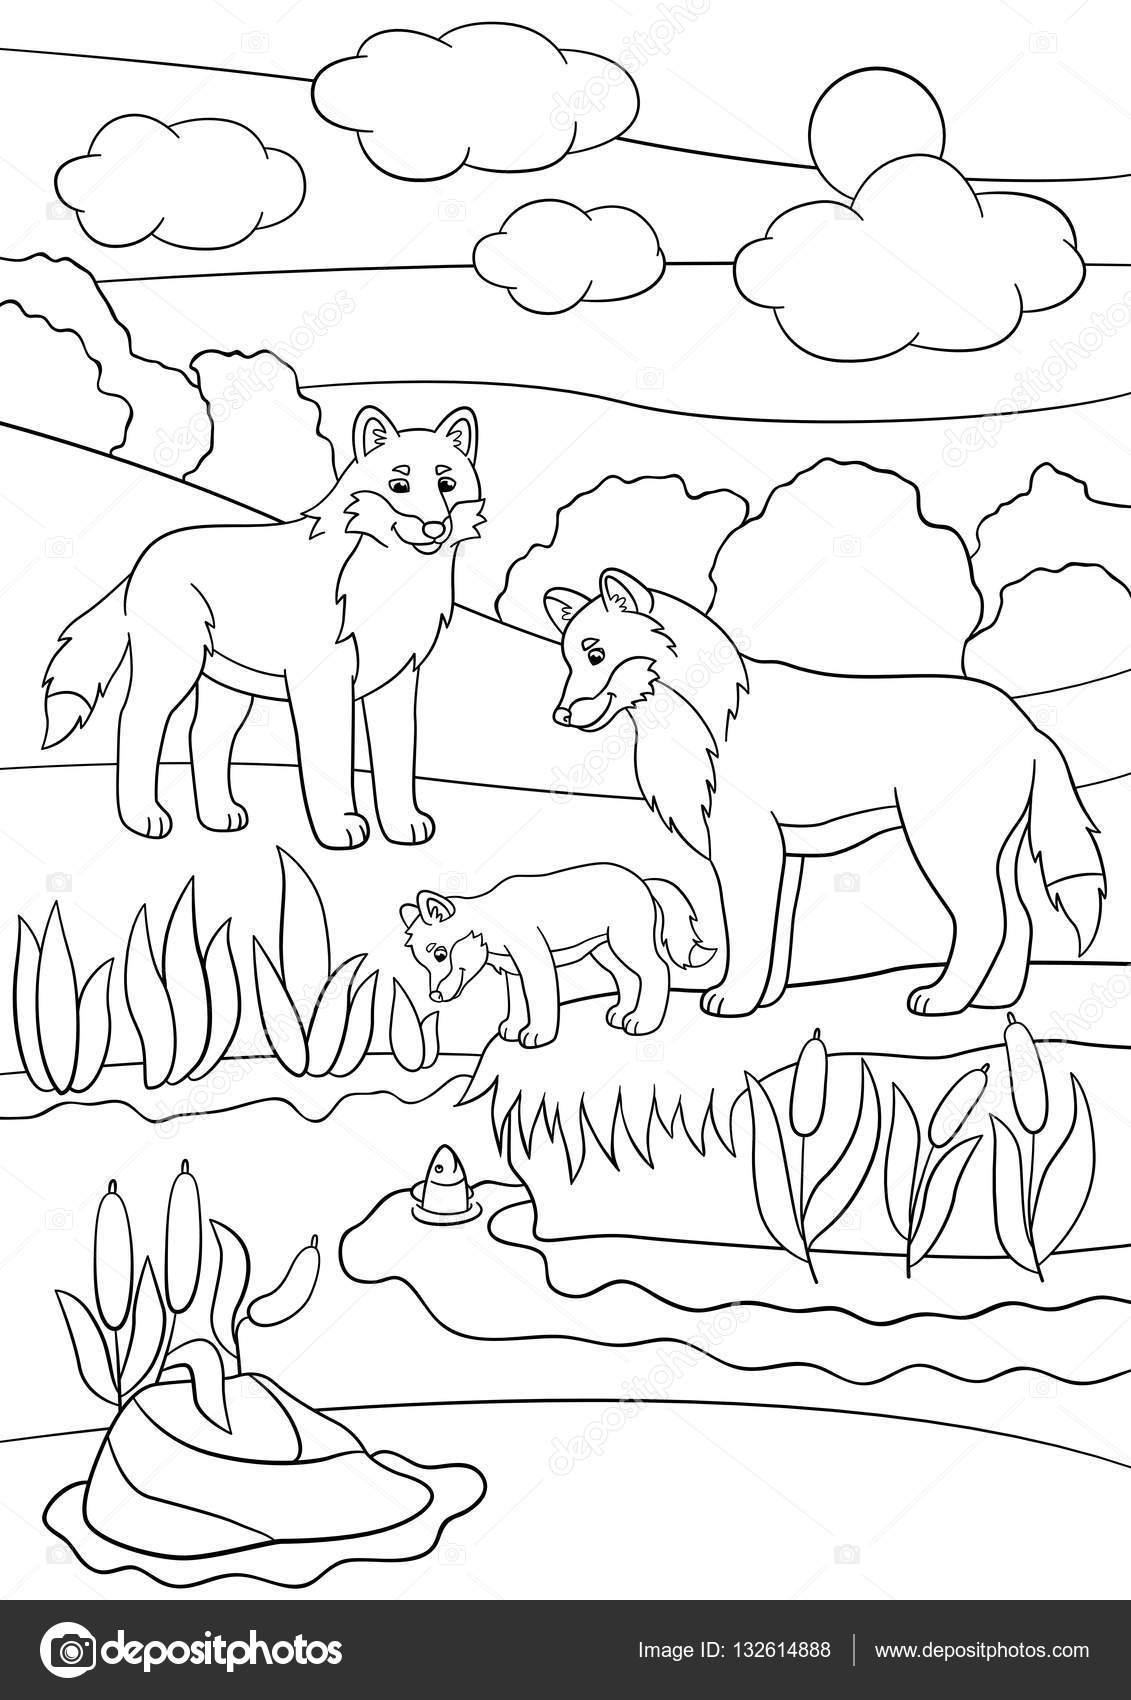 Malvorlagen. Mutter und Vater Wölfe Blick auf ihr baby — Stockvektor ...